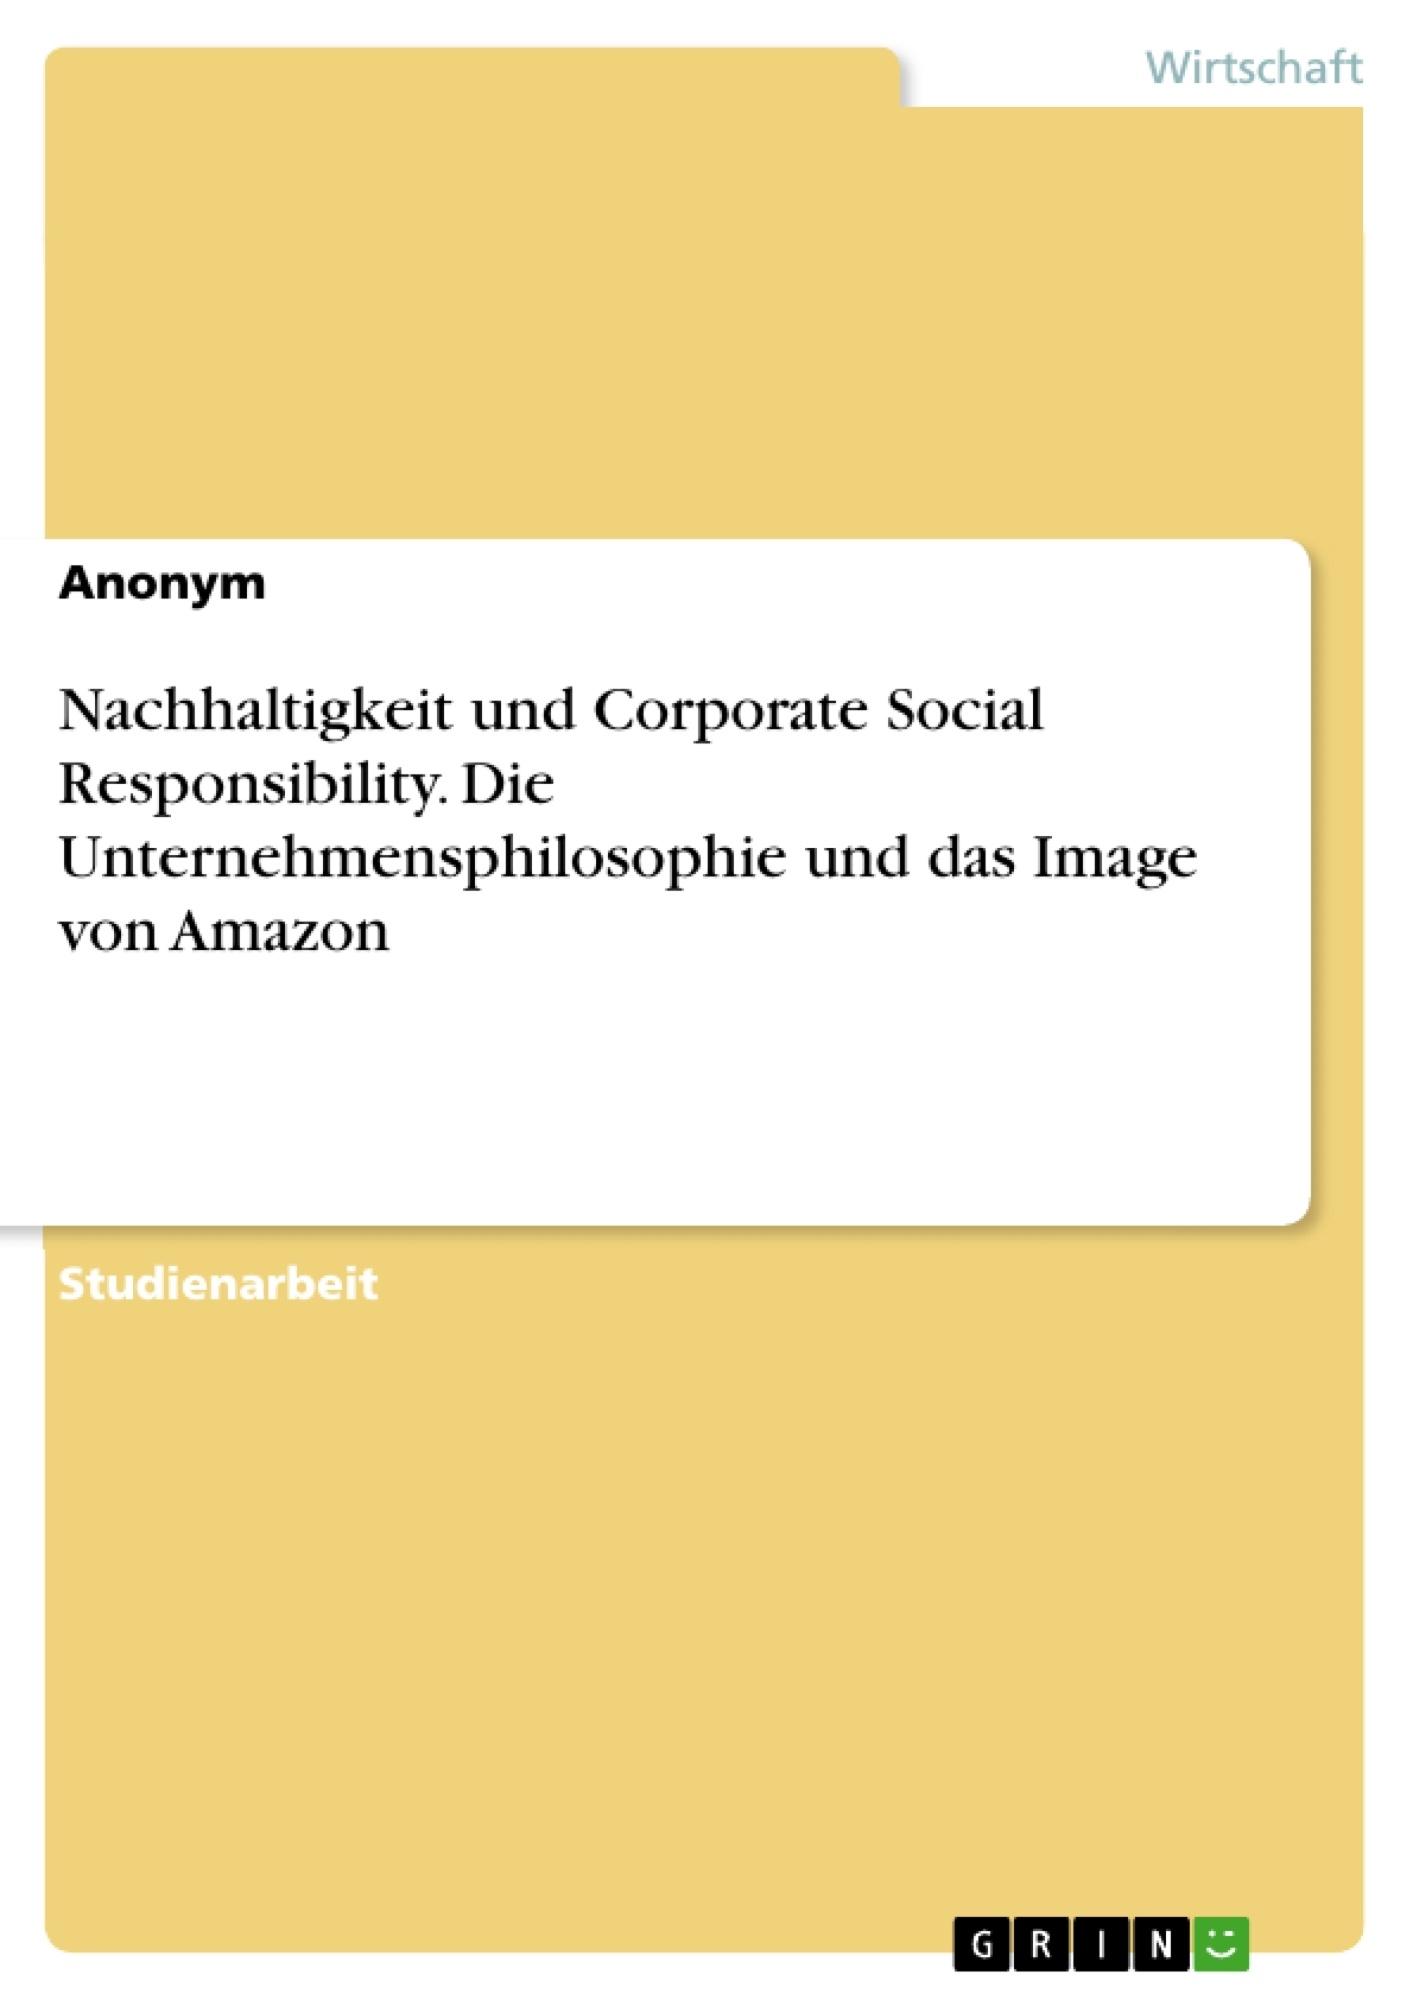 Titel: Nachhaltigkeit und Corporate Social Responsibility. Die Unternehmensphilosophie und das Image von Amazon